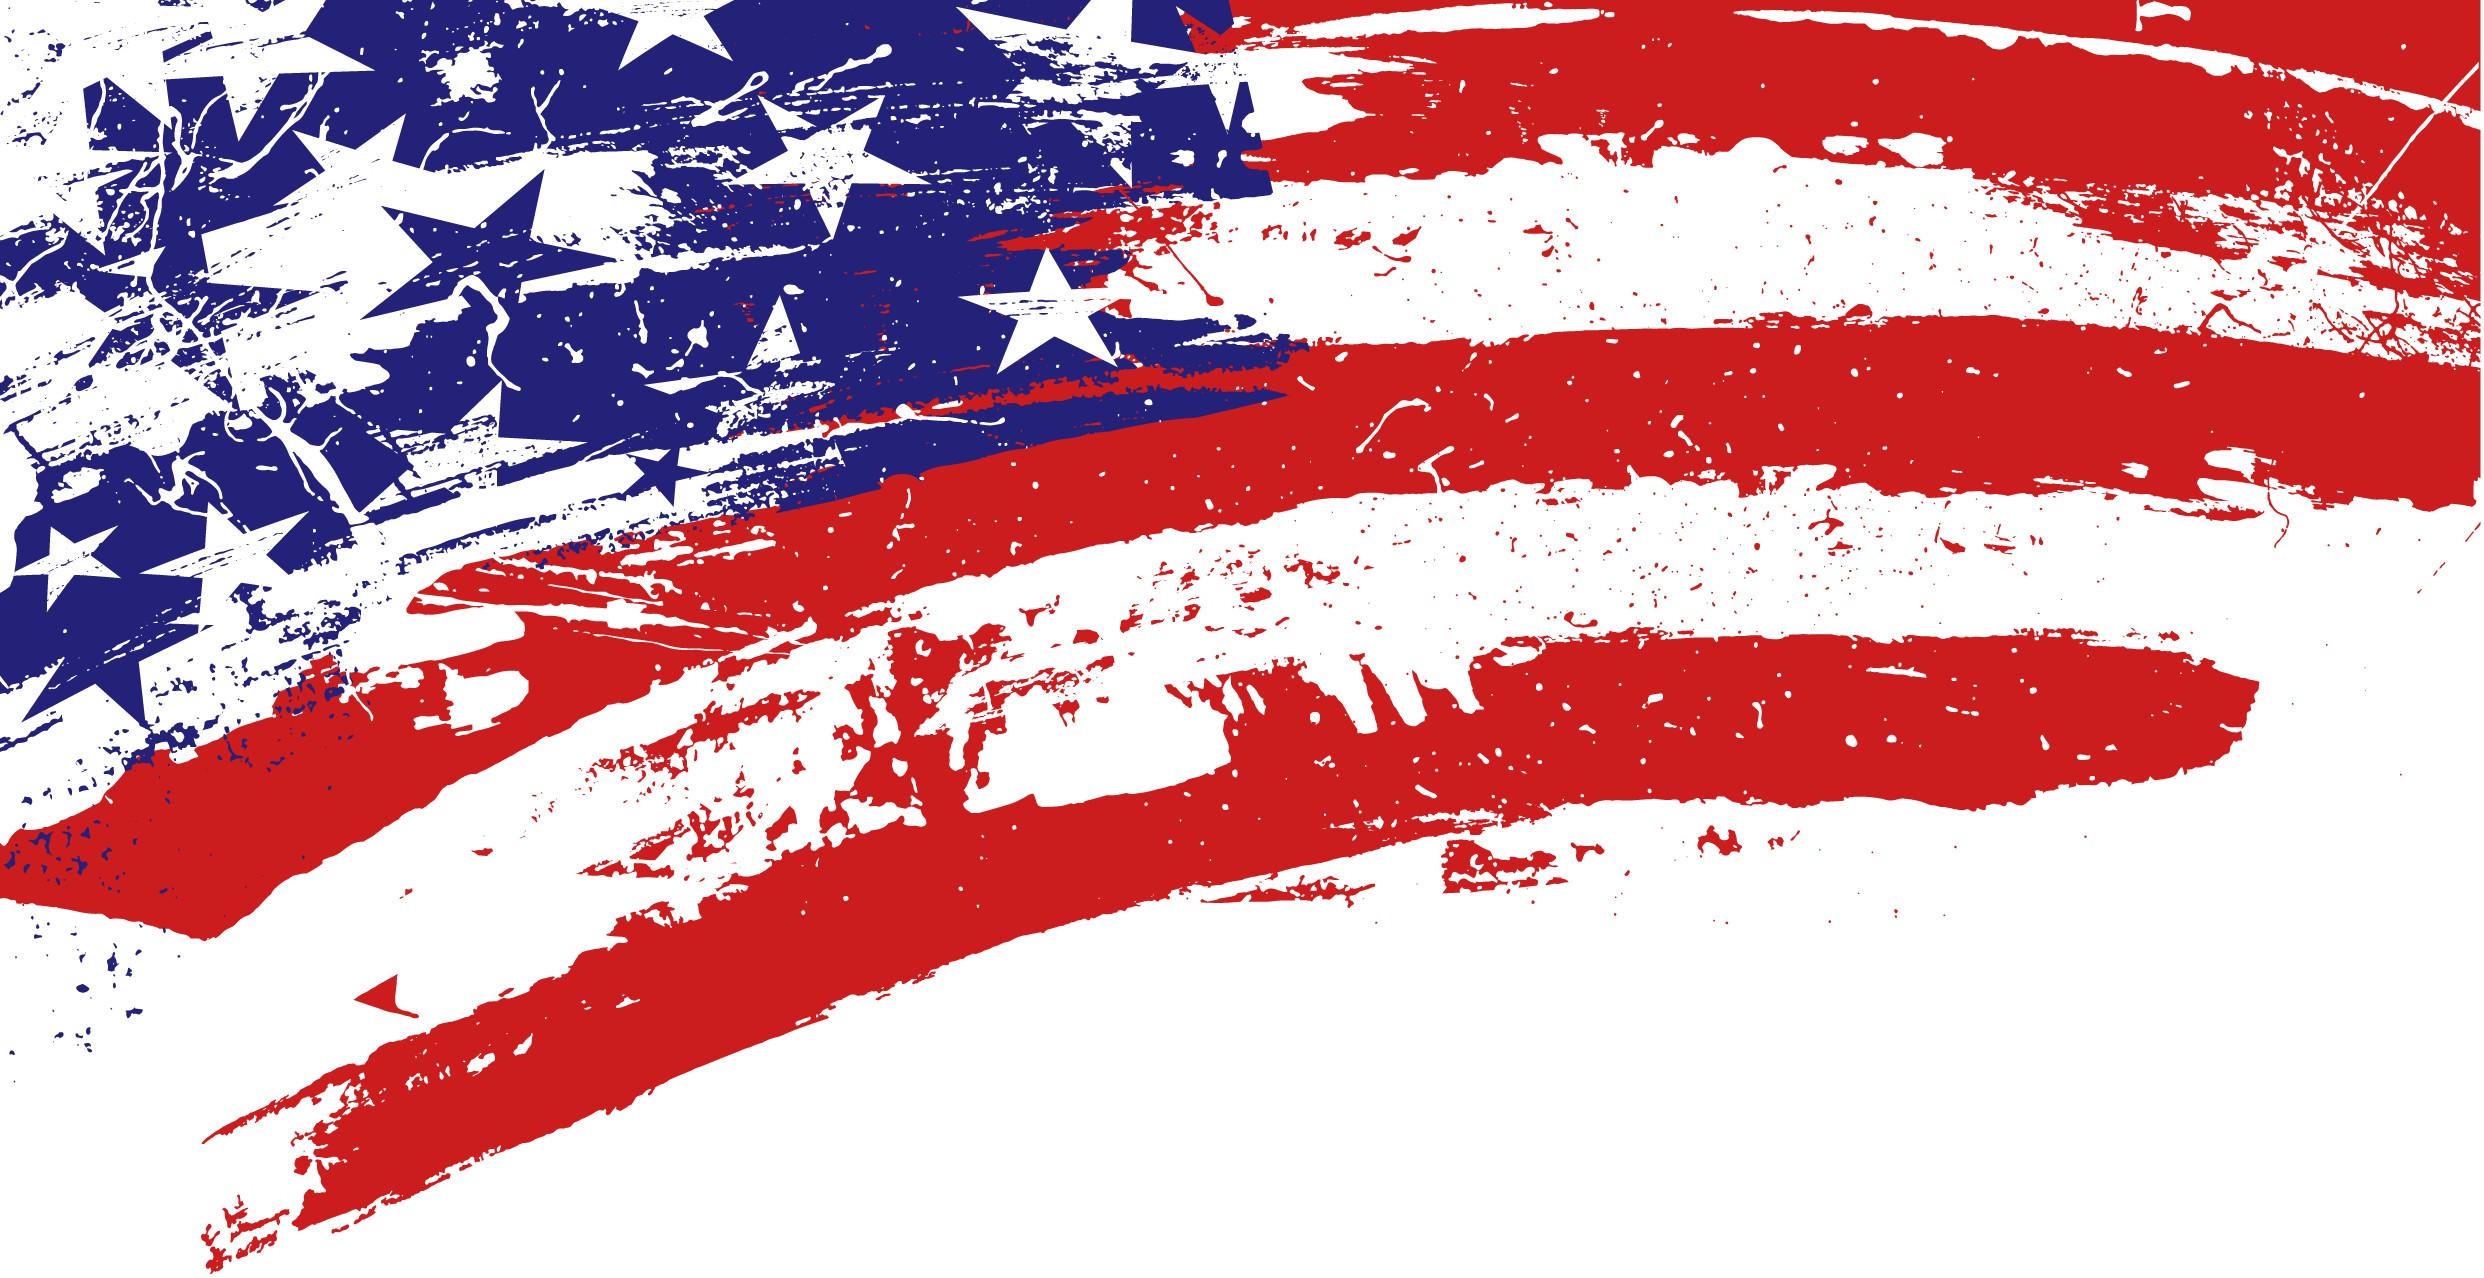 Abstract-USA-Flag-Wallpaper-HD